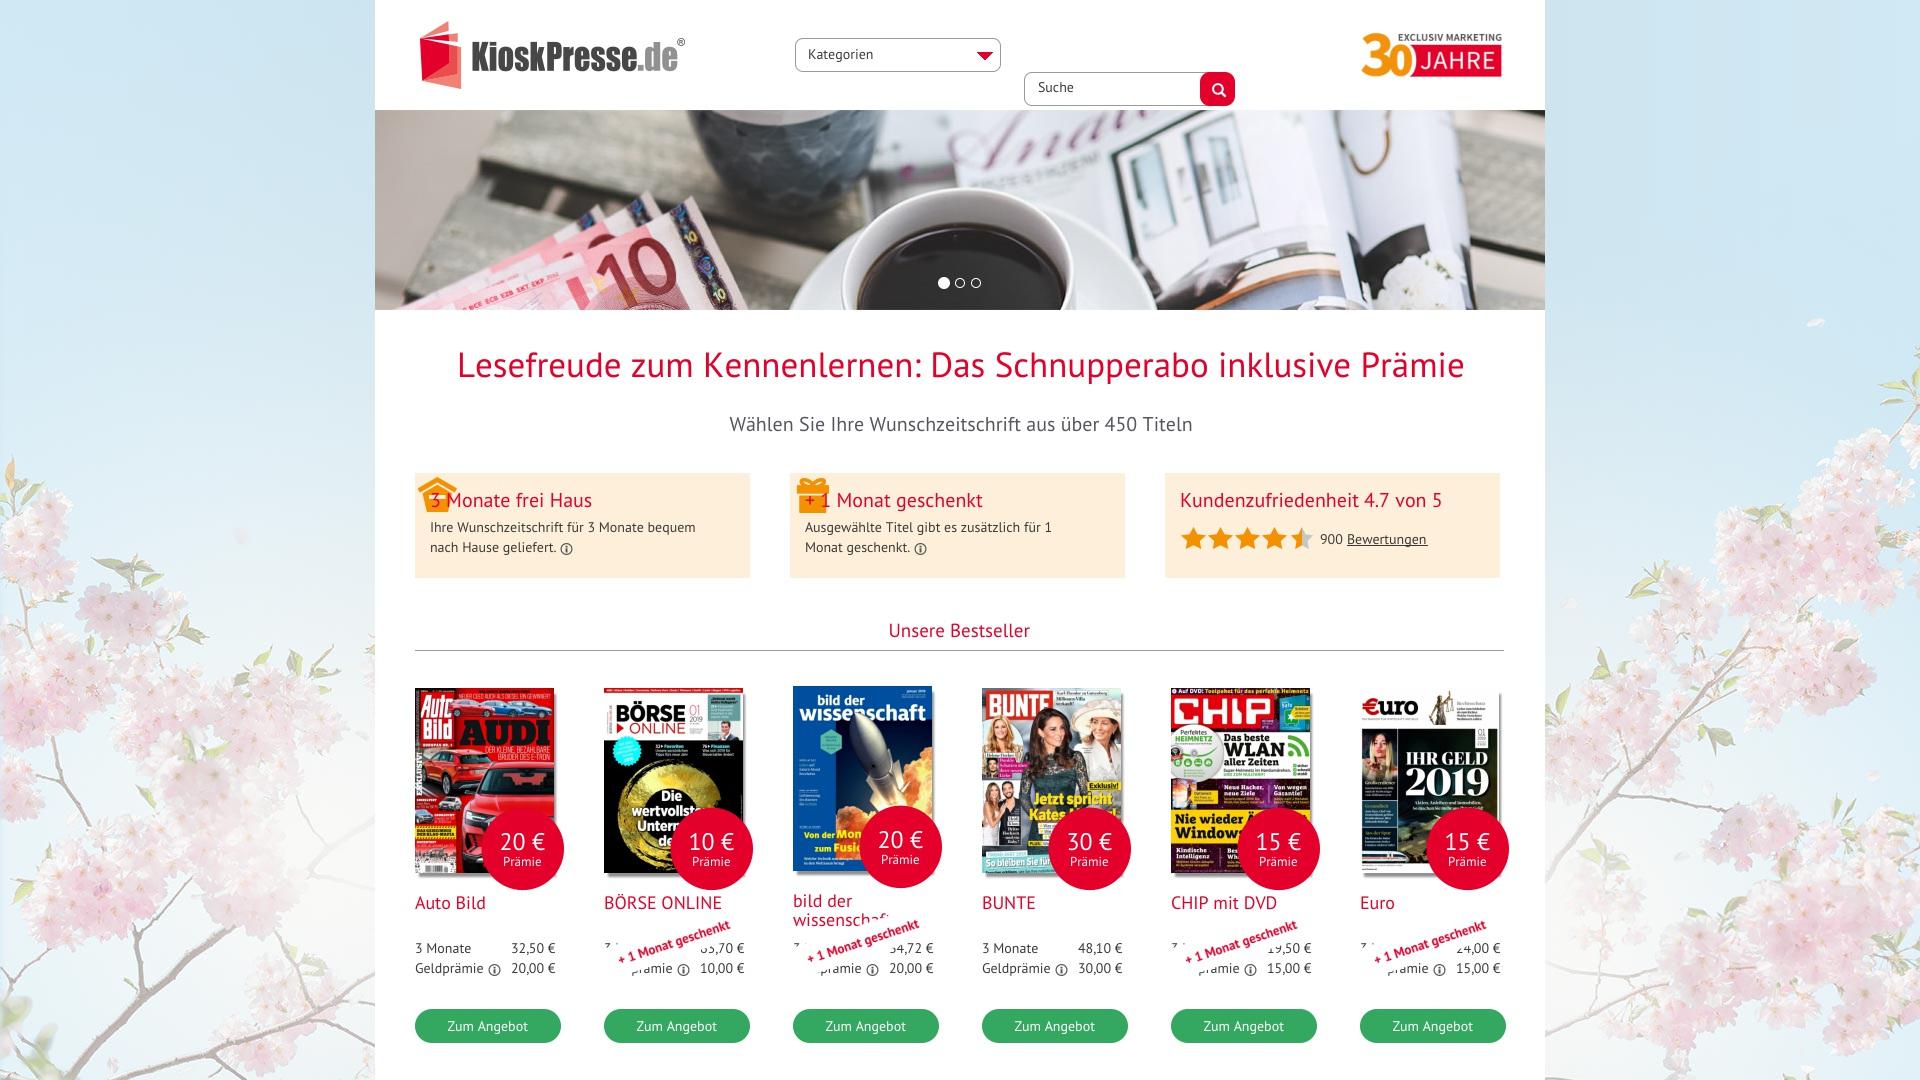 Geld zurück bei Kioskpresse: Jetzt im Oktober 2021 Cashback für Kioskpresse sichern